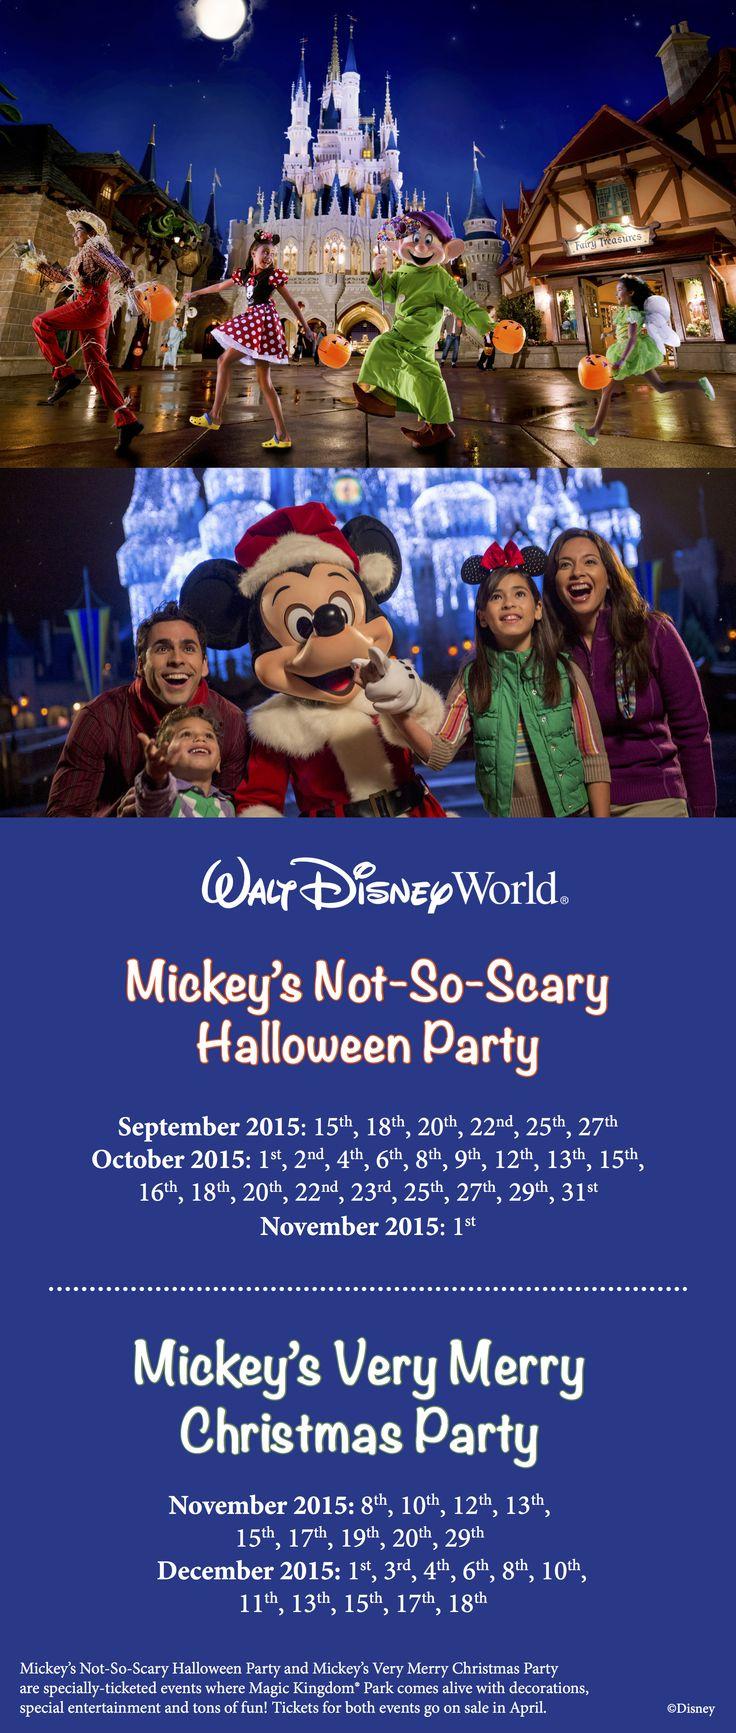 Best 25+ Disney events ideas on Pinterest | Disney themed party ...